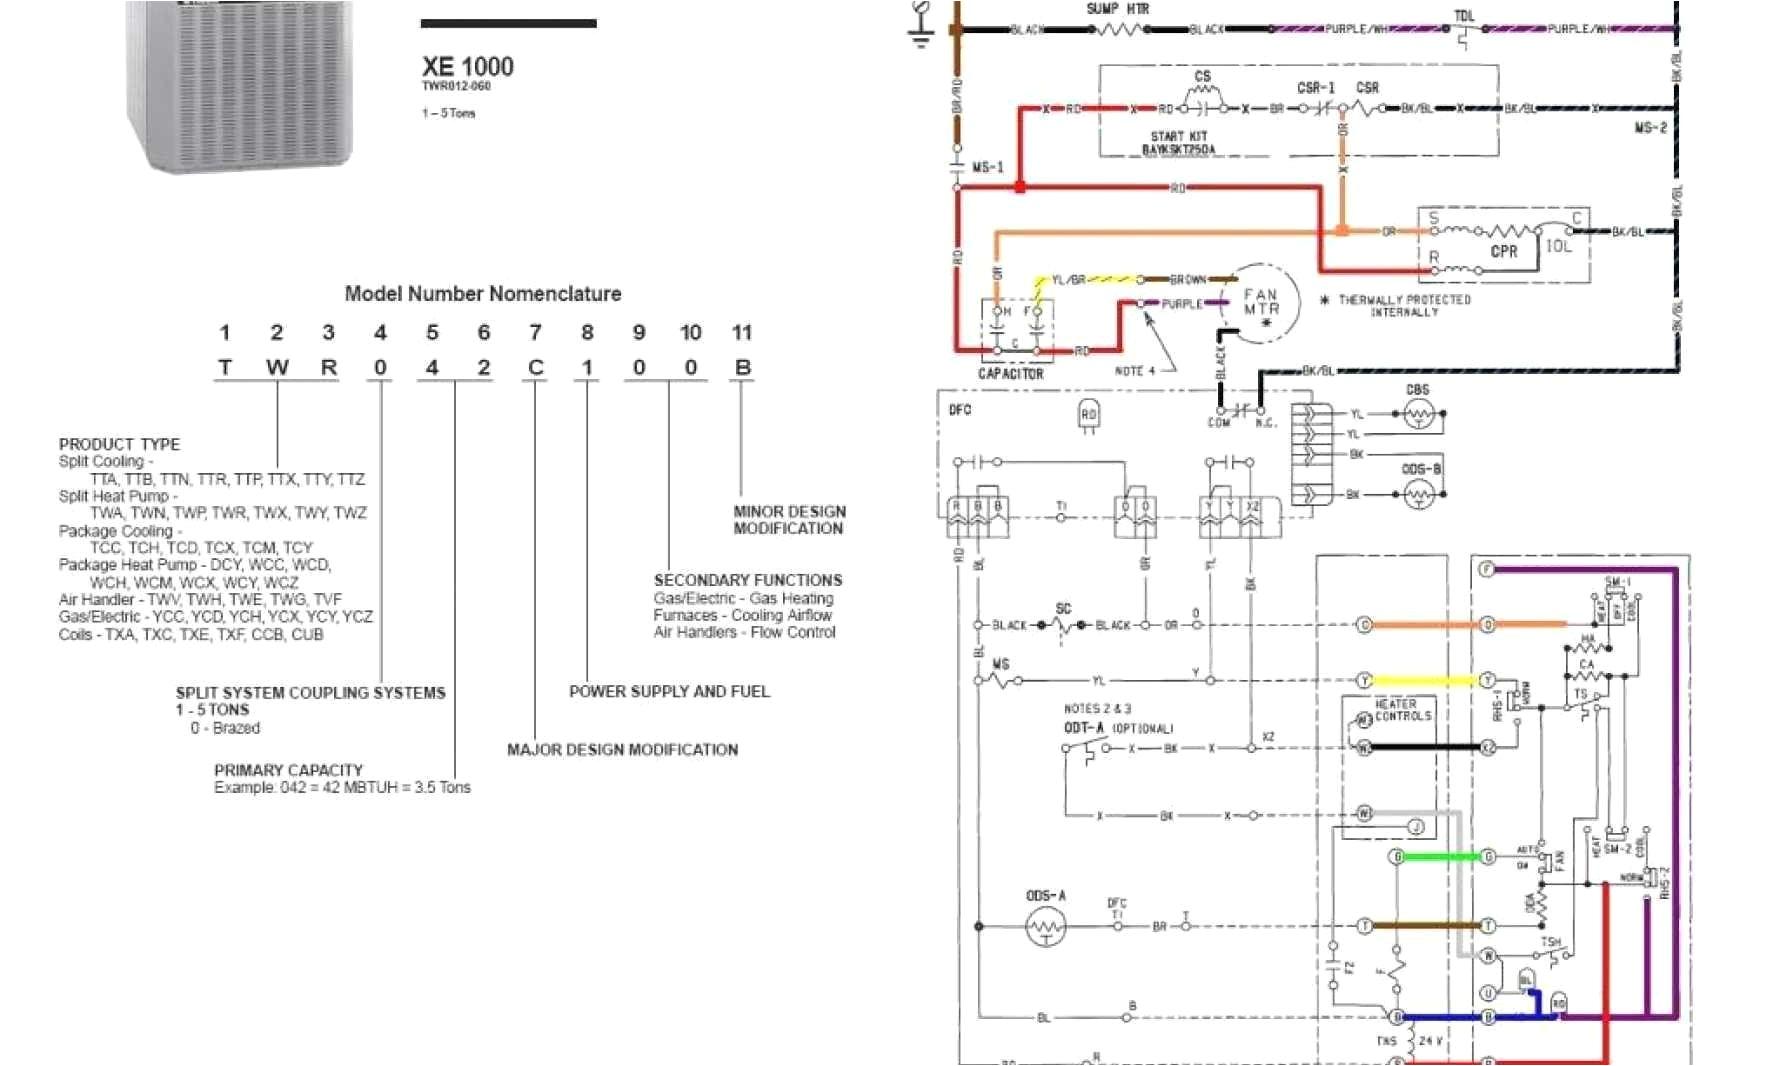 trane heat pump thermostat wiring wiring diagram go trane thermostat wiring color code trane thermostat wiring colors